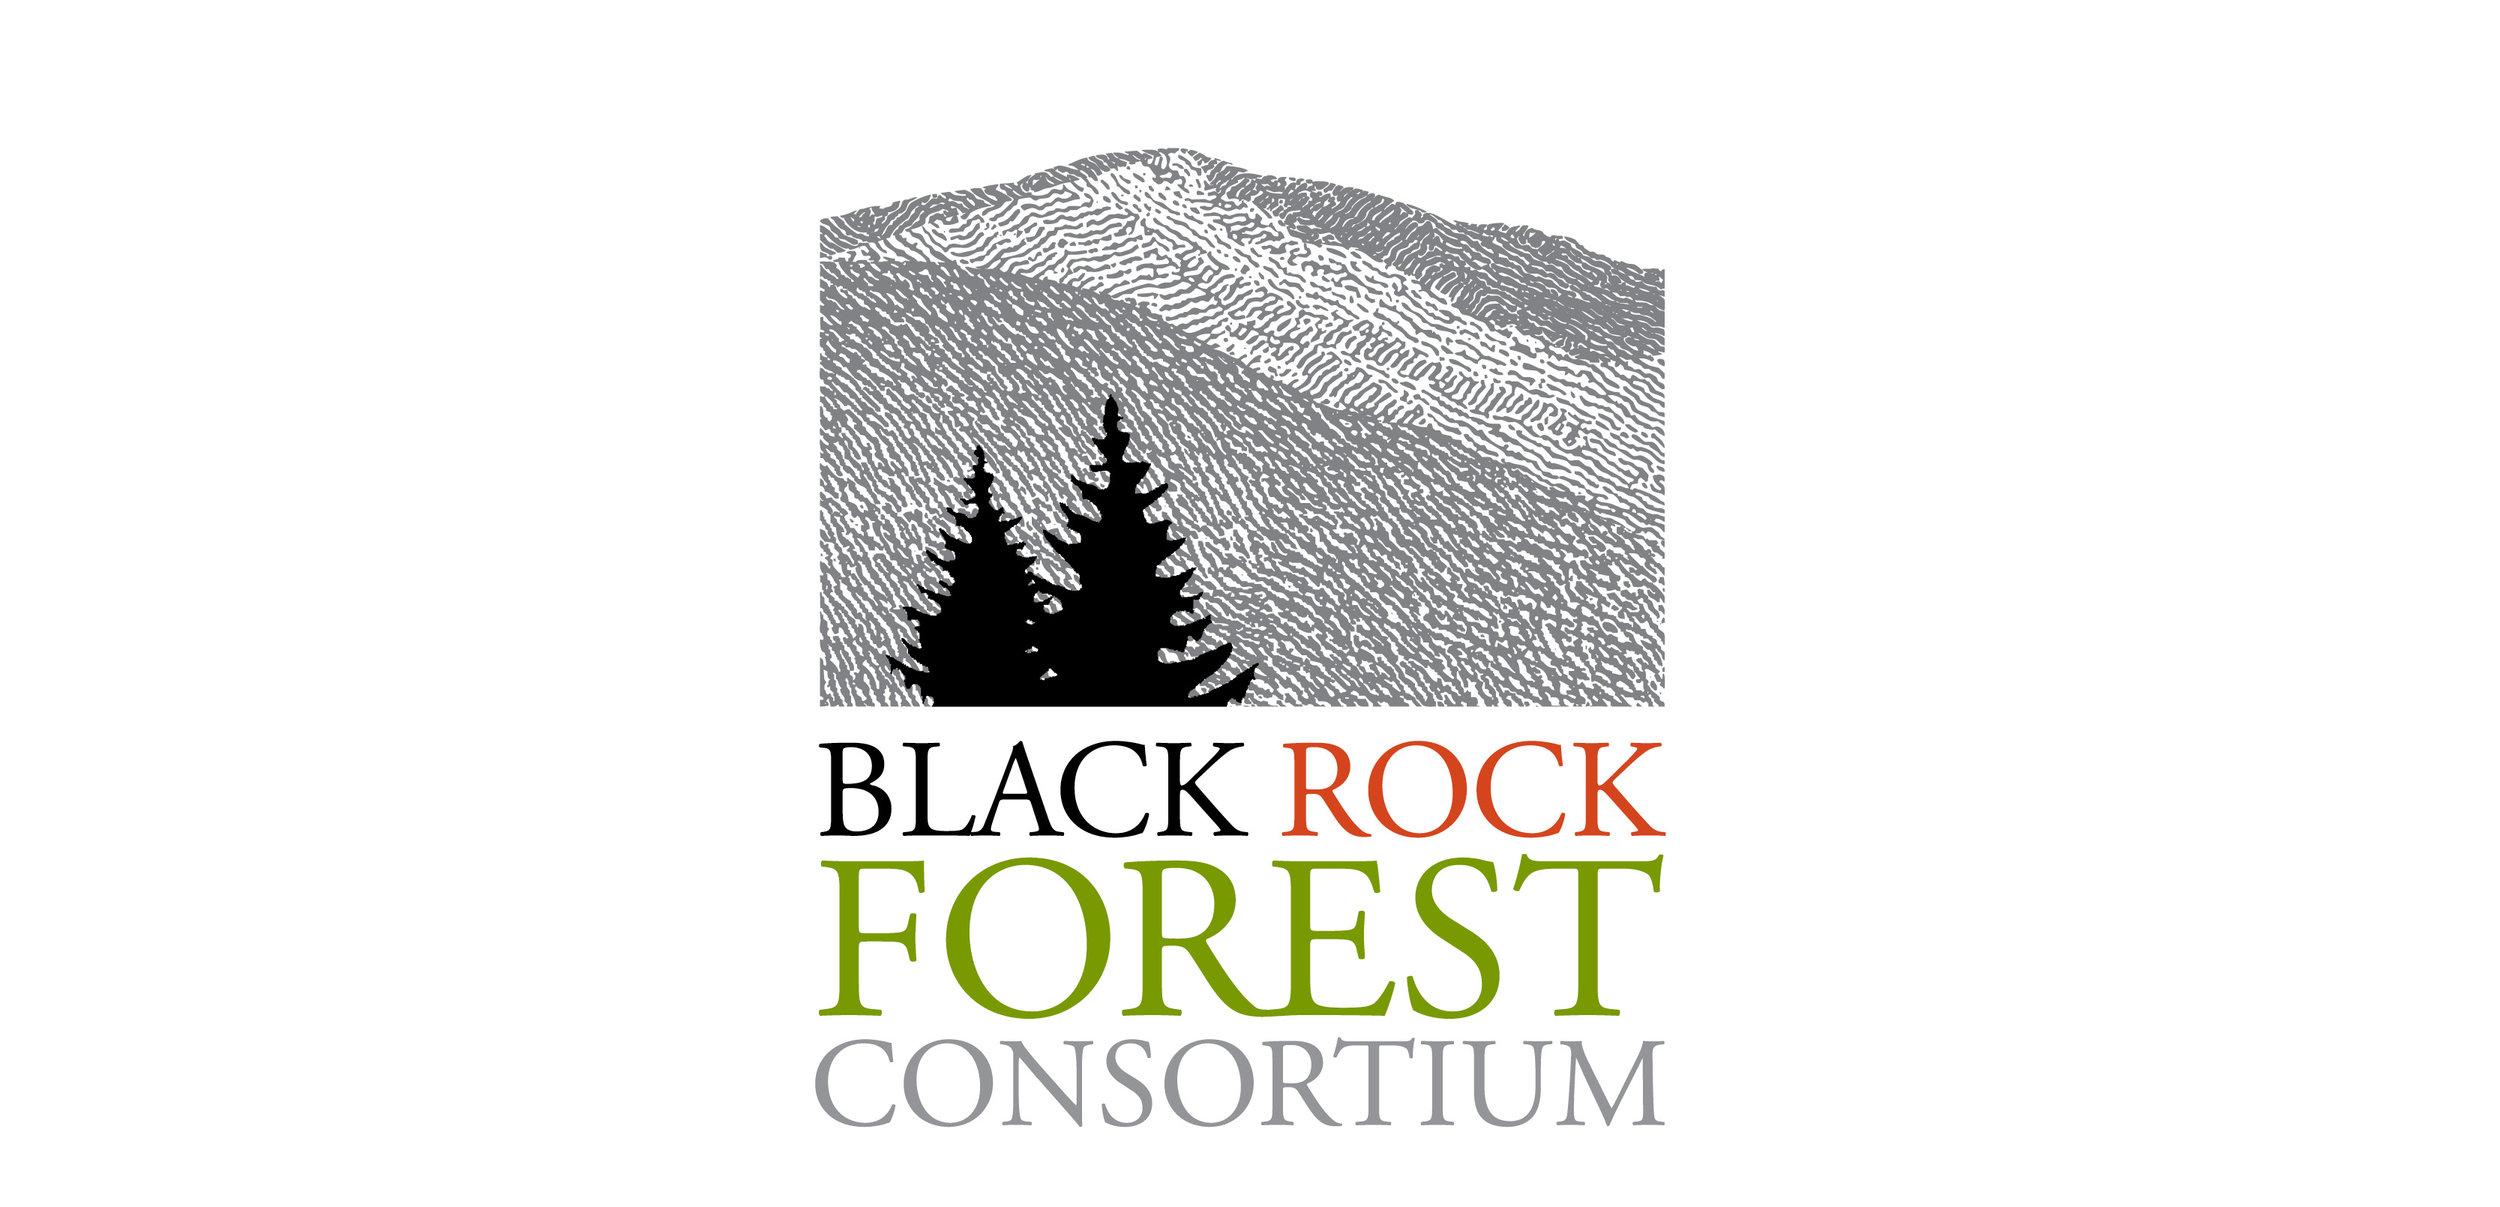 Black Rock Forest